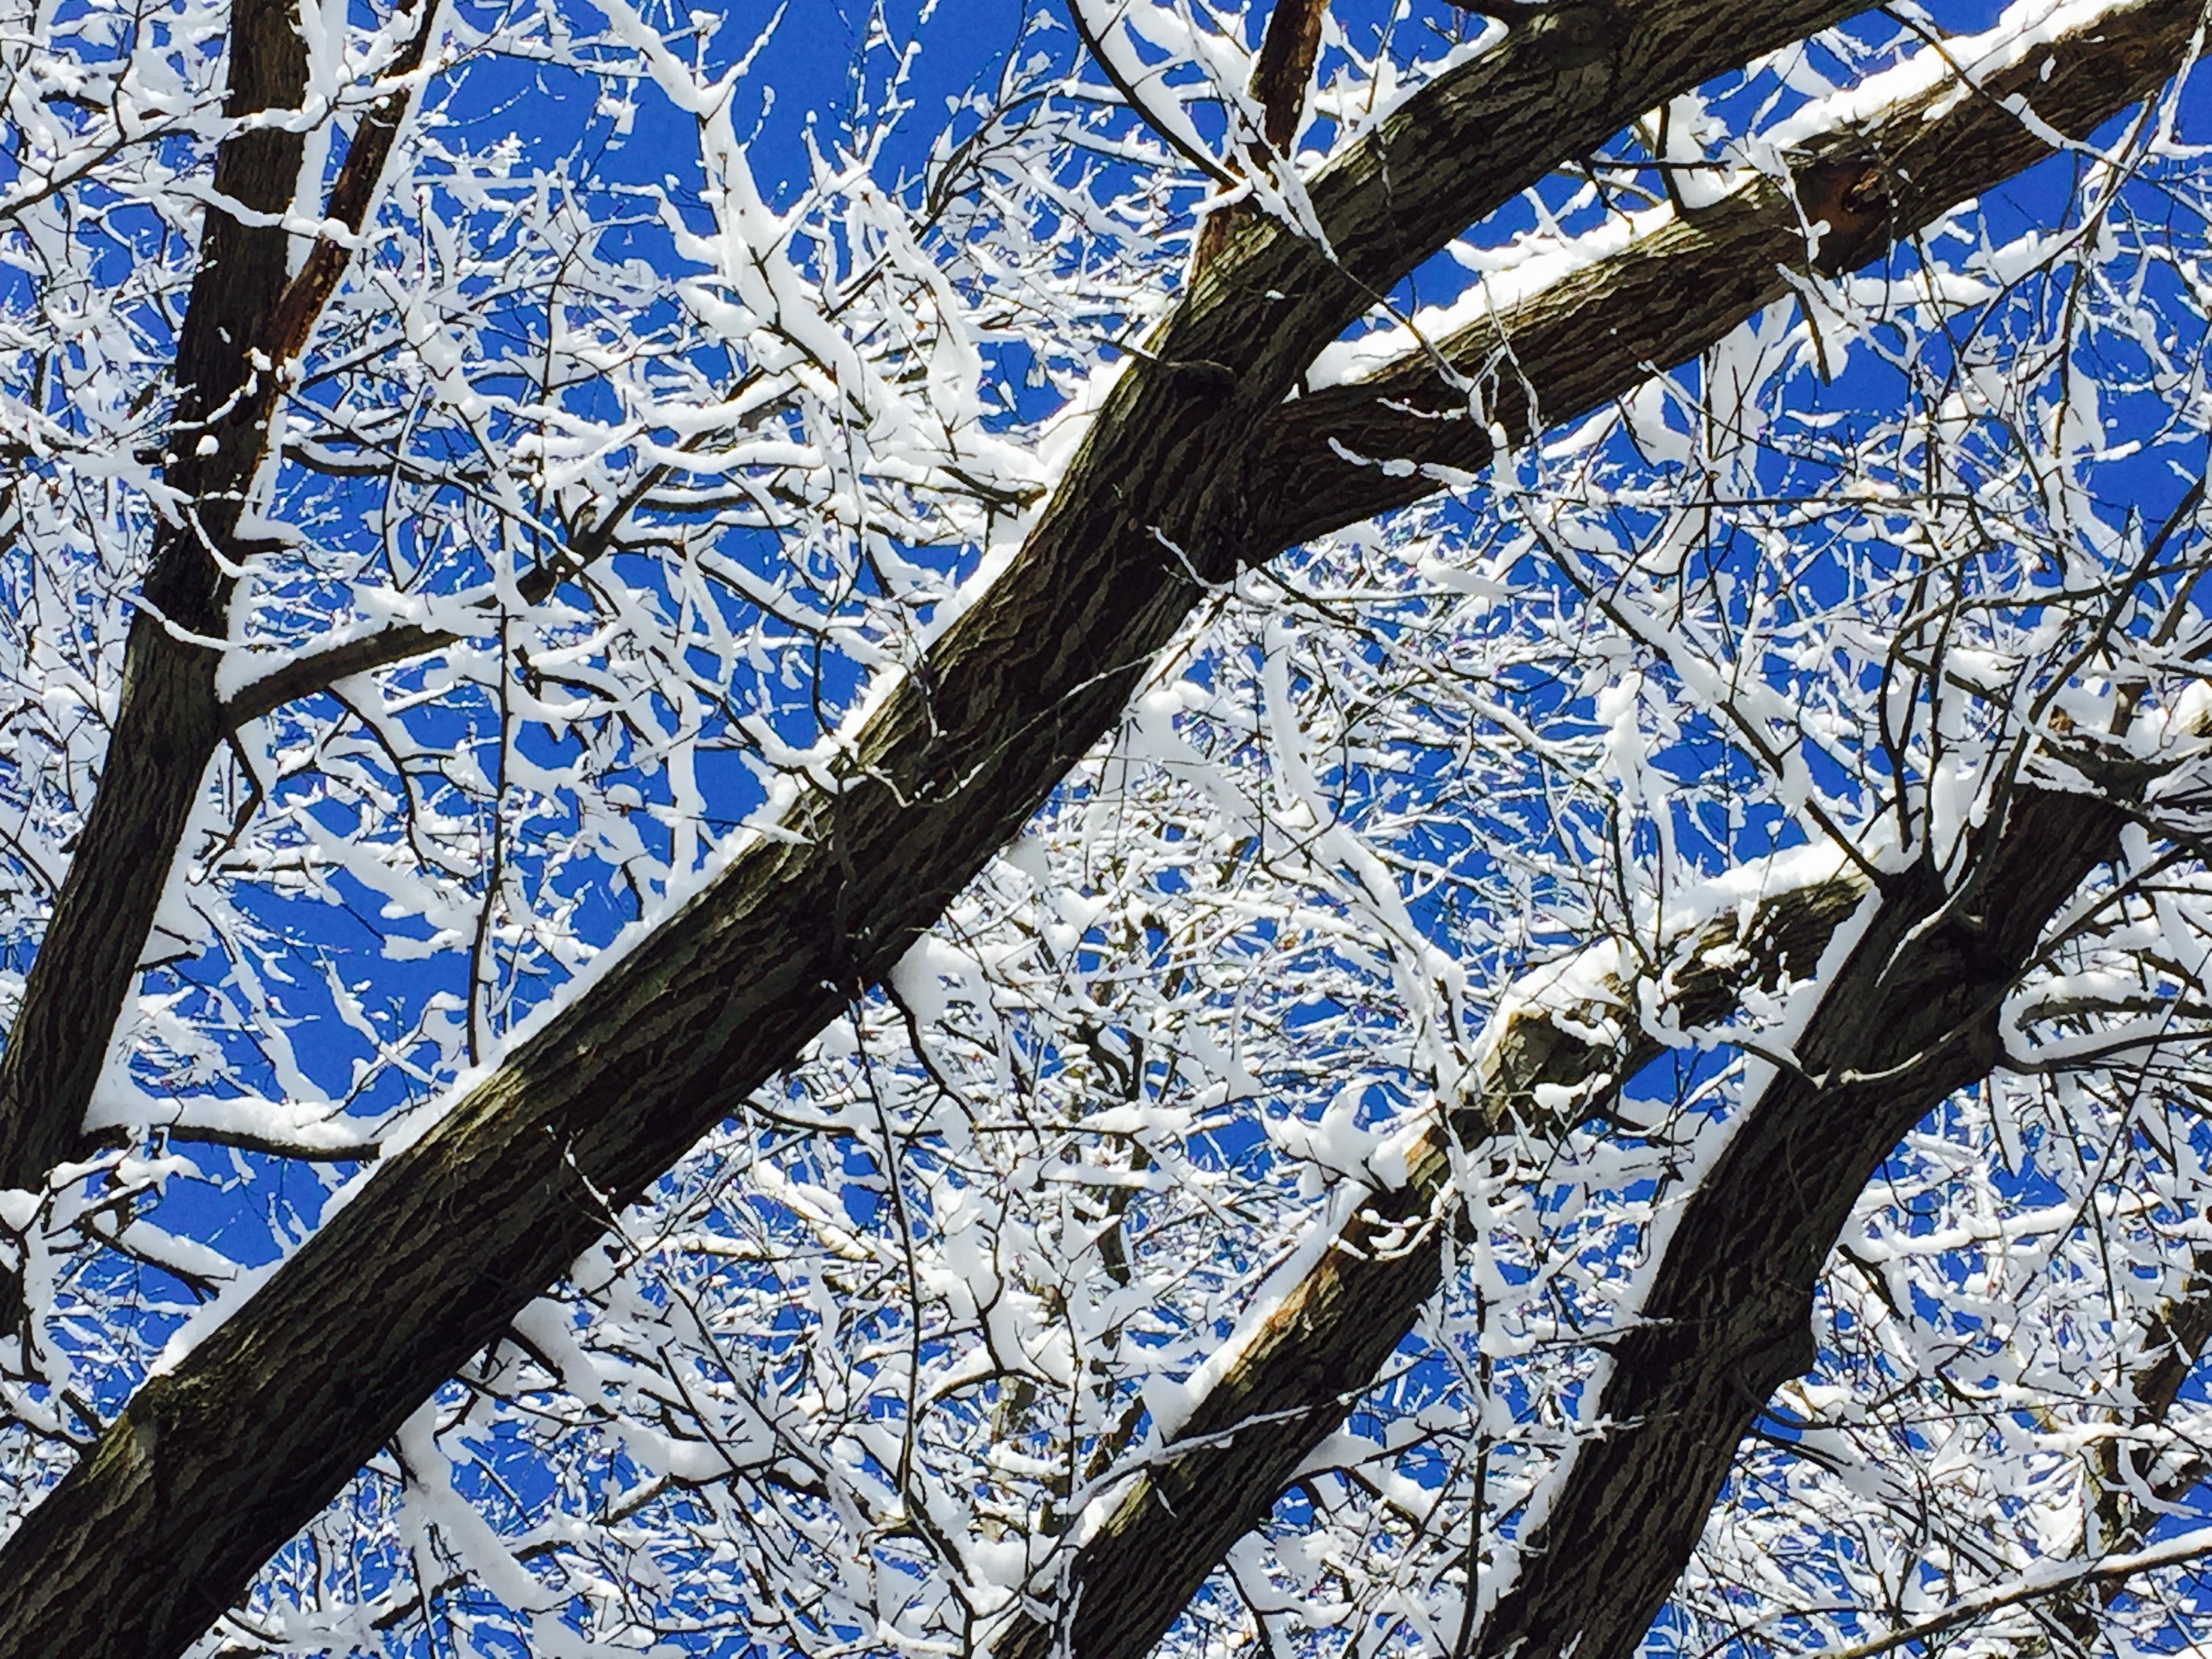 Snow on the Oak Tree